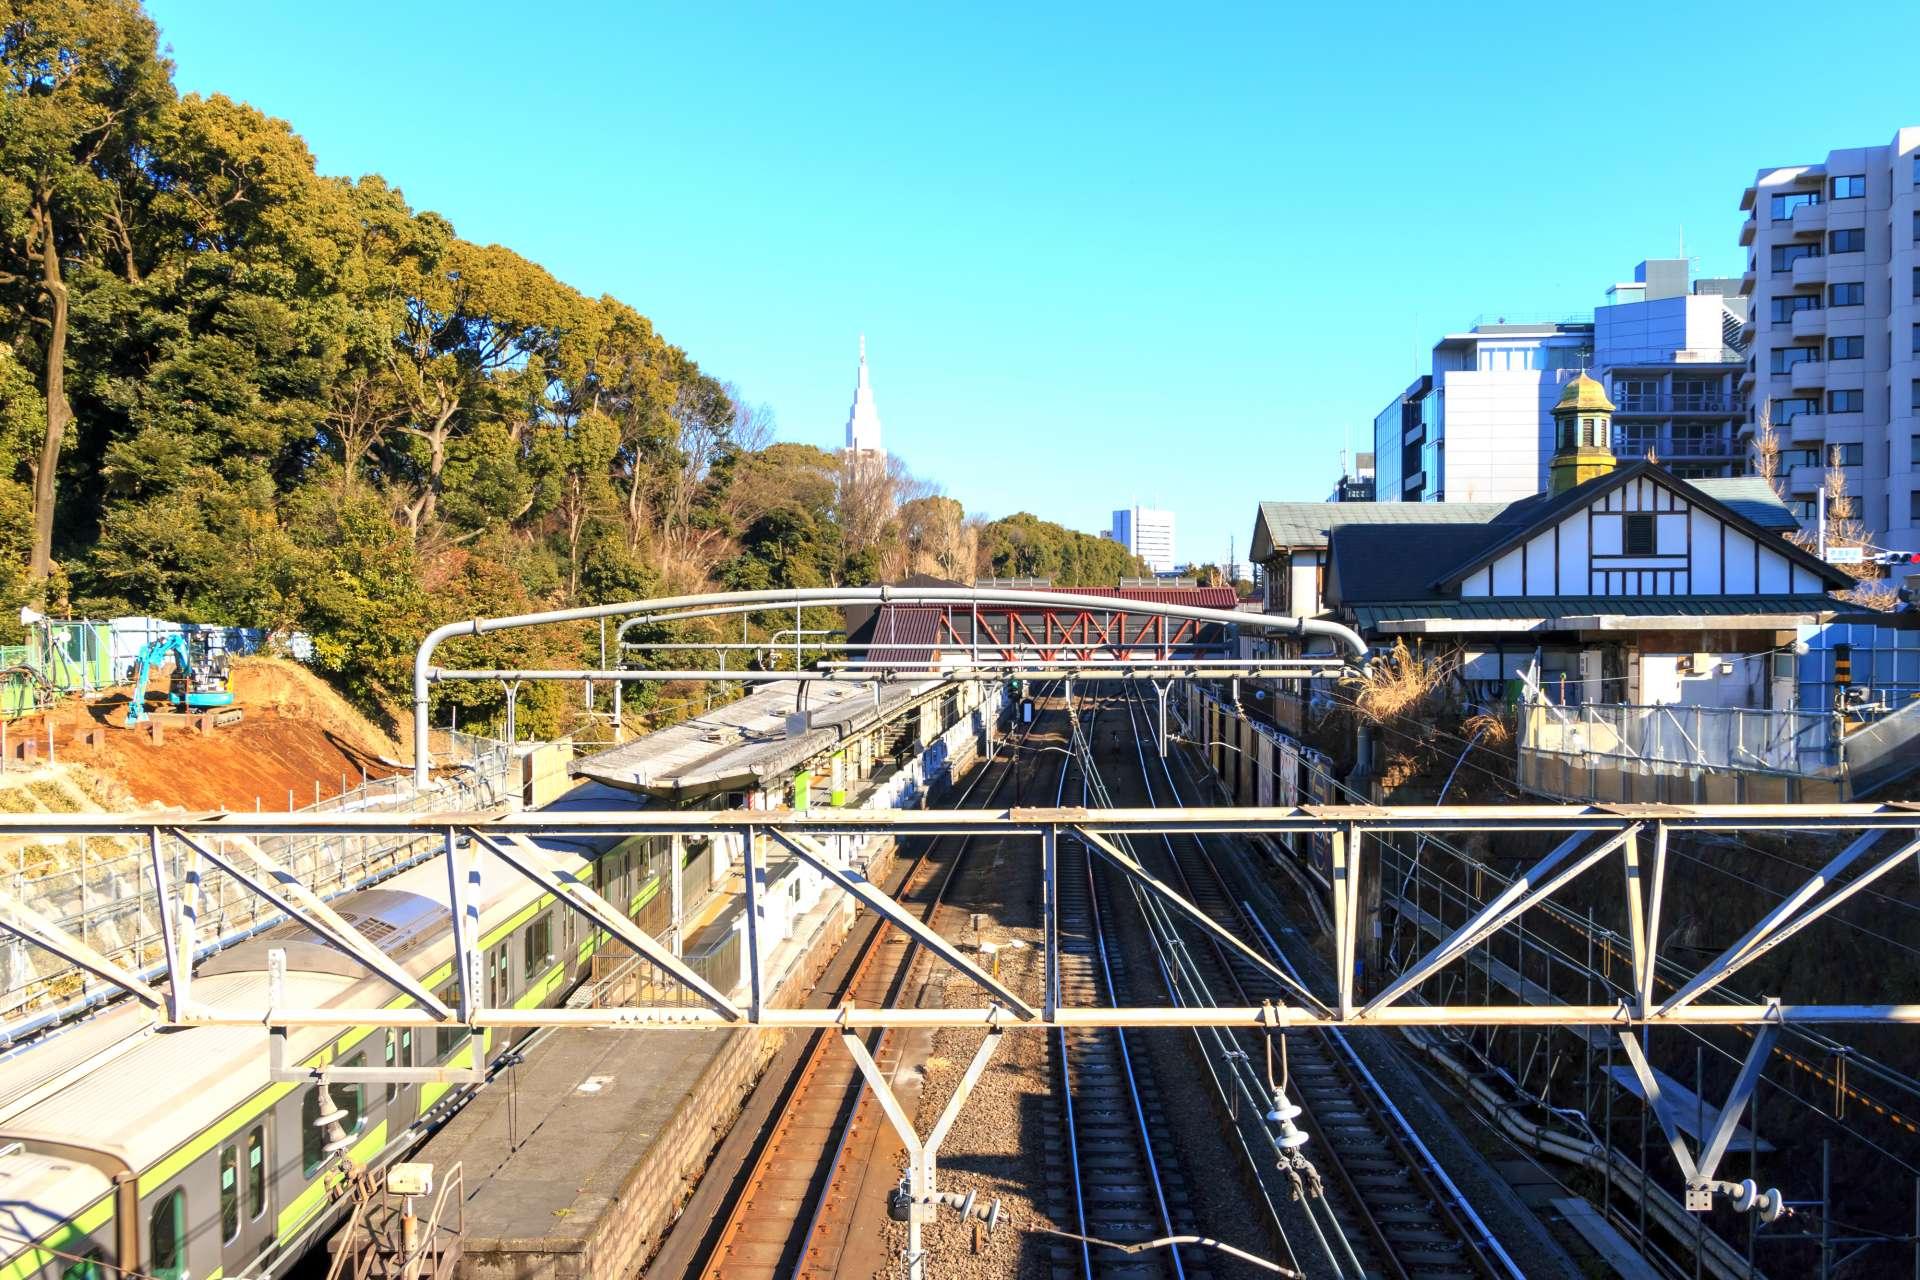 站在神宫桥上可以看见原宿车站